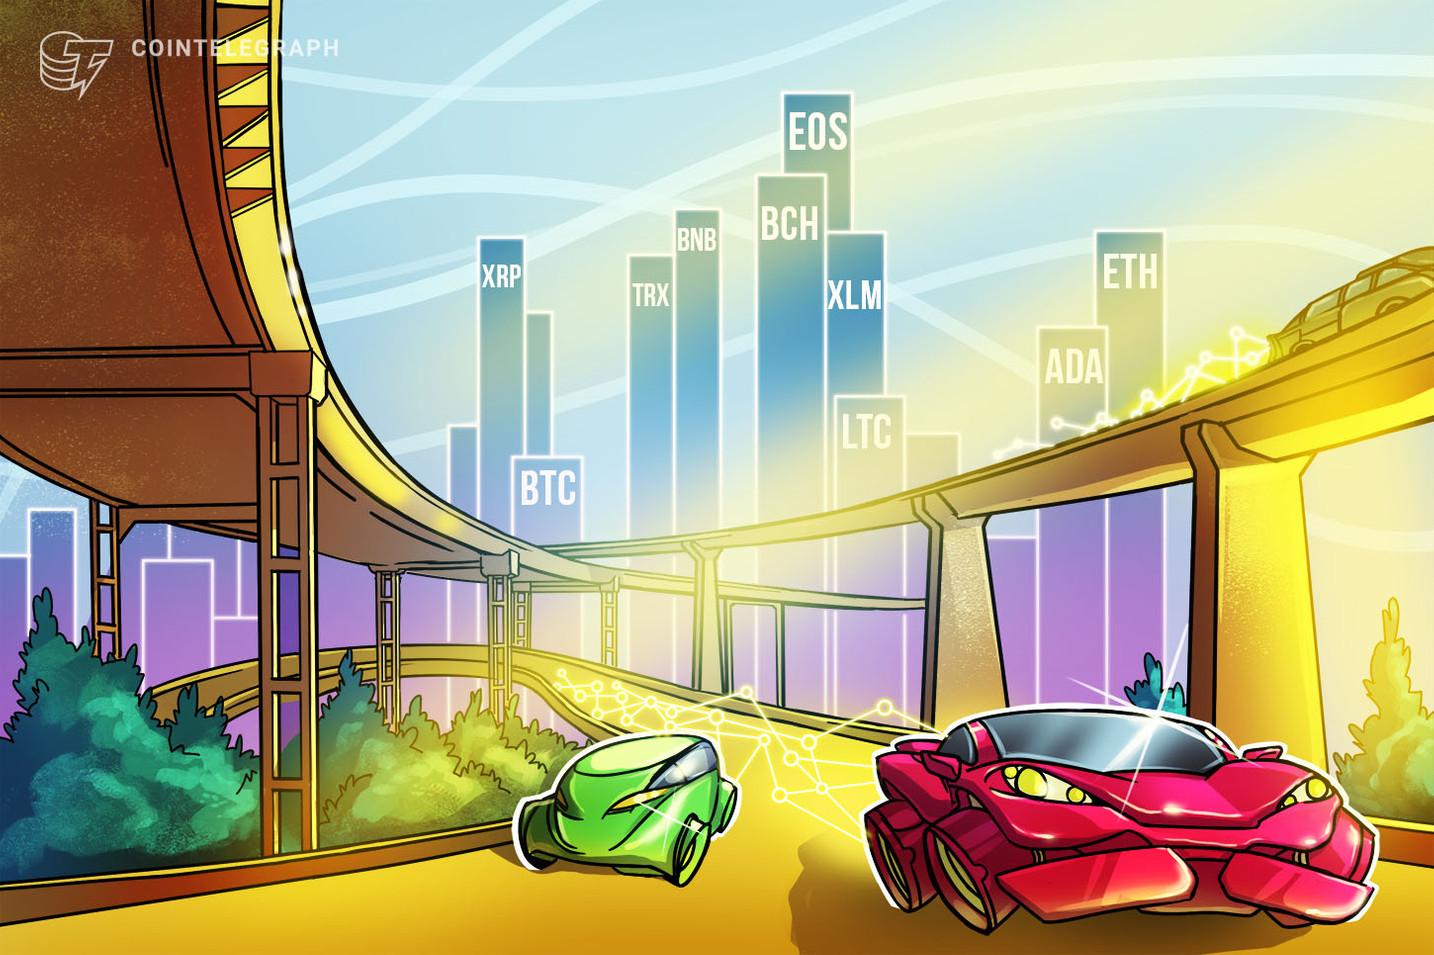 Bitcoin, Ethereum, Ripple, Bitcoin Cash, Litecoin, EOS, Binance Coin, Stellar, Cardano, TRON: Price Analysis May 6